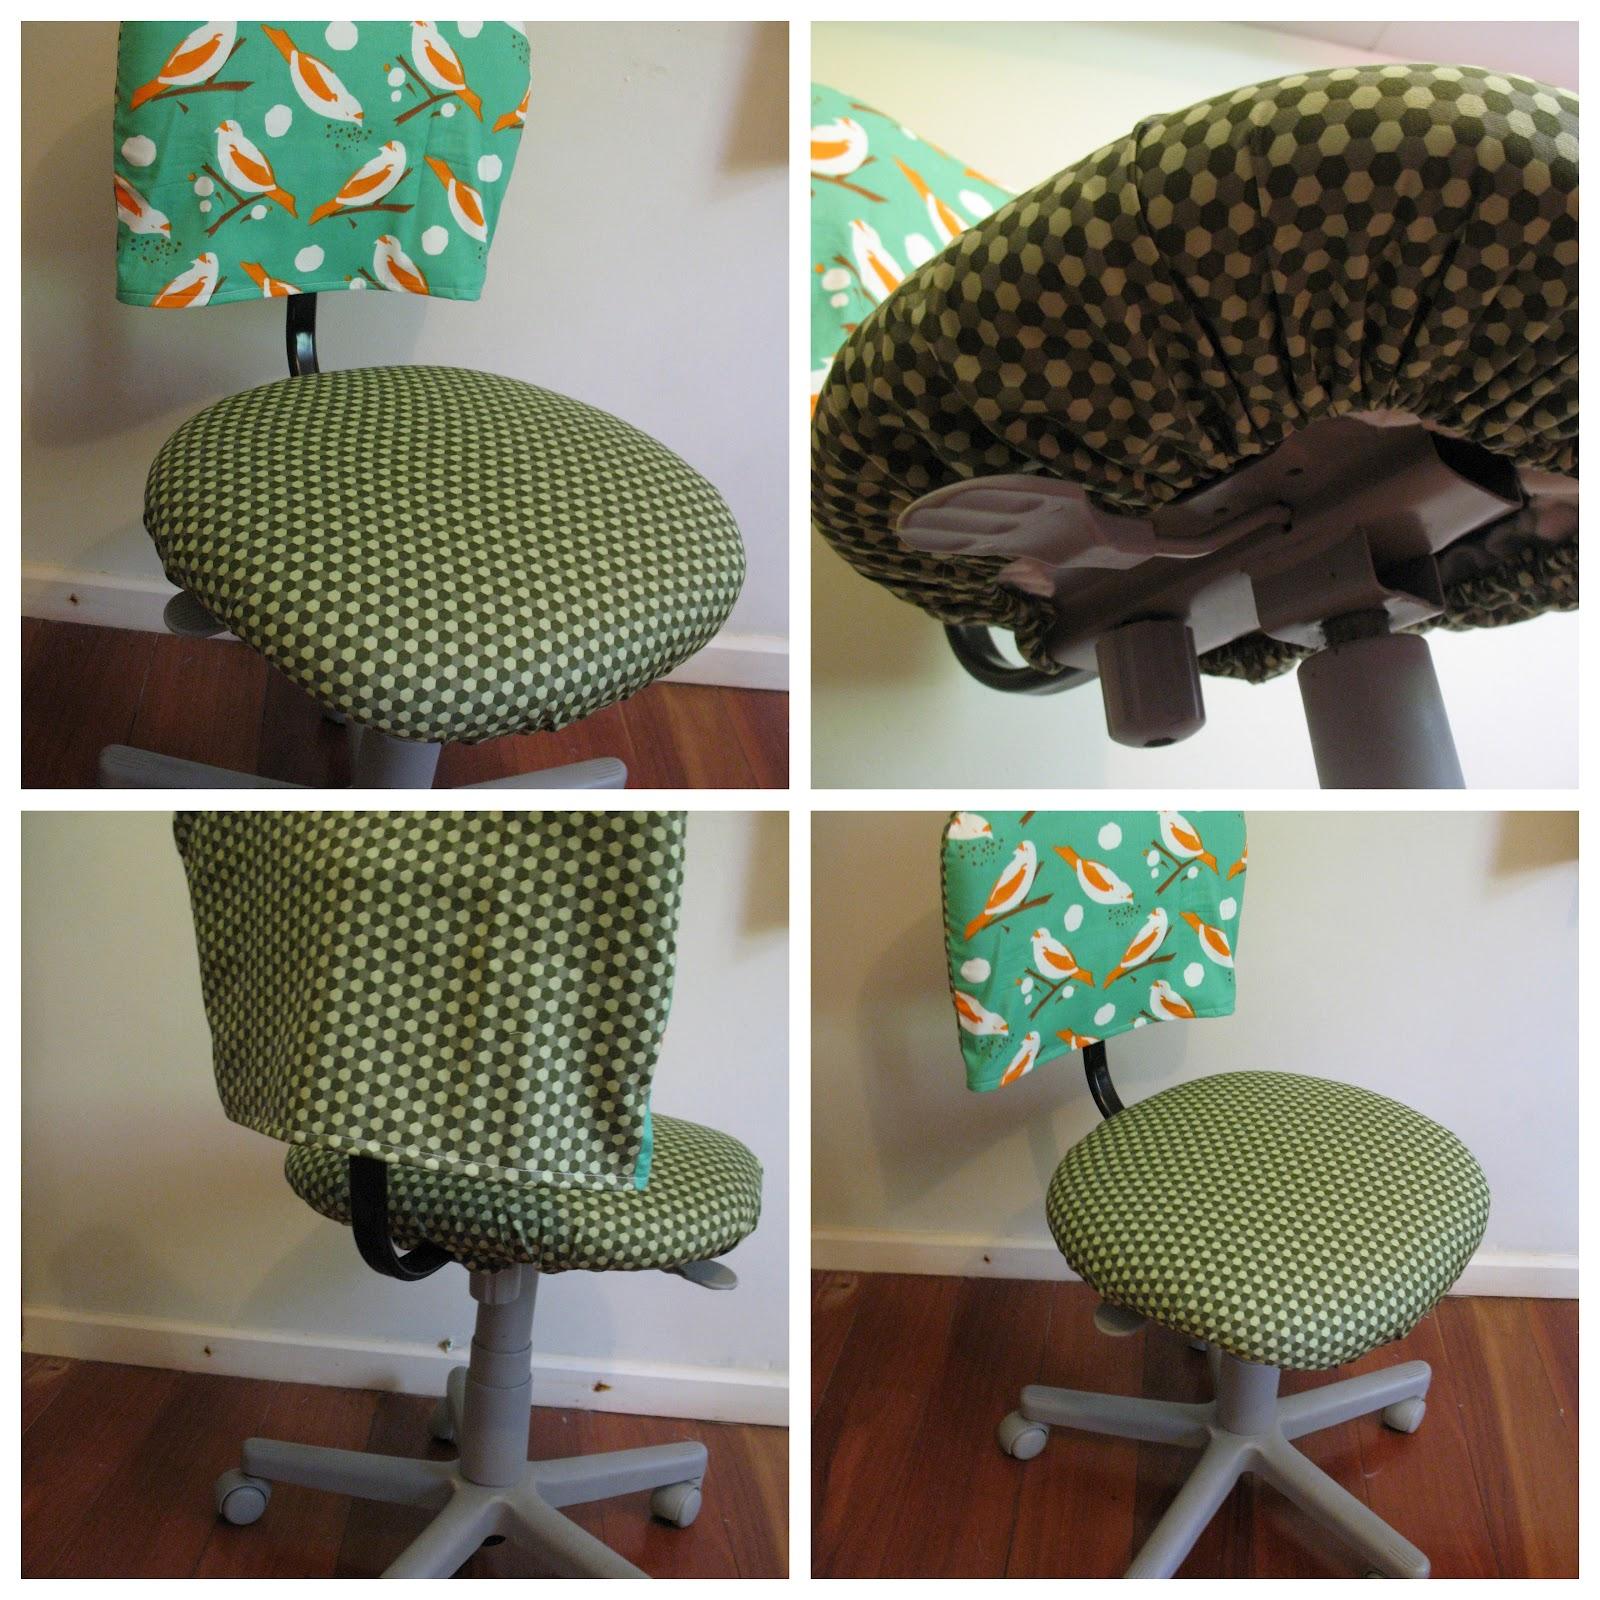 Tecelinha: Capa para Cadeira de 30 minutos!! #3E8D71 1600x1600